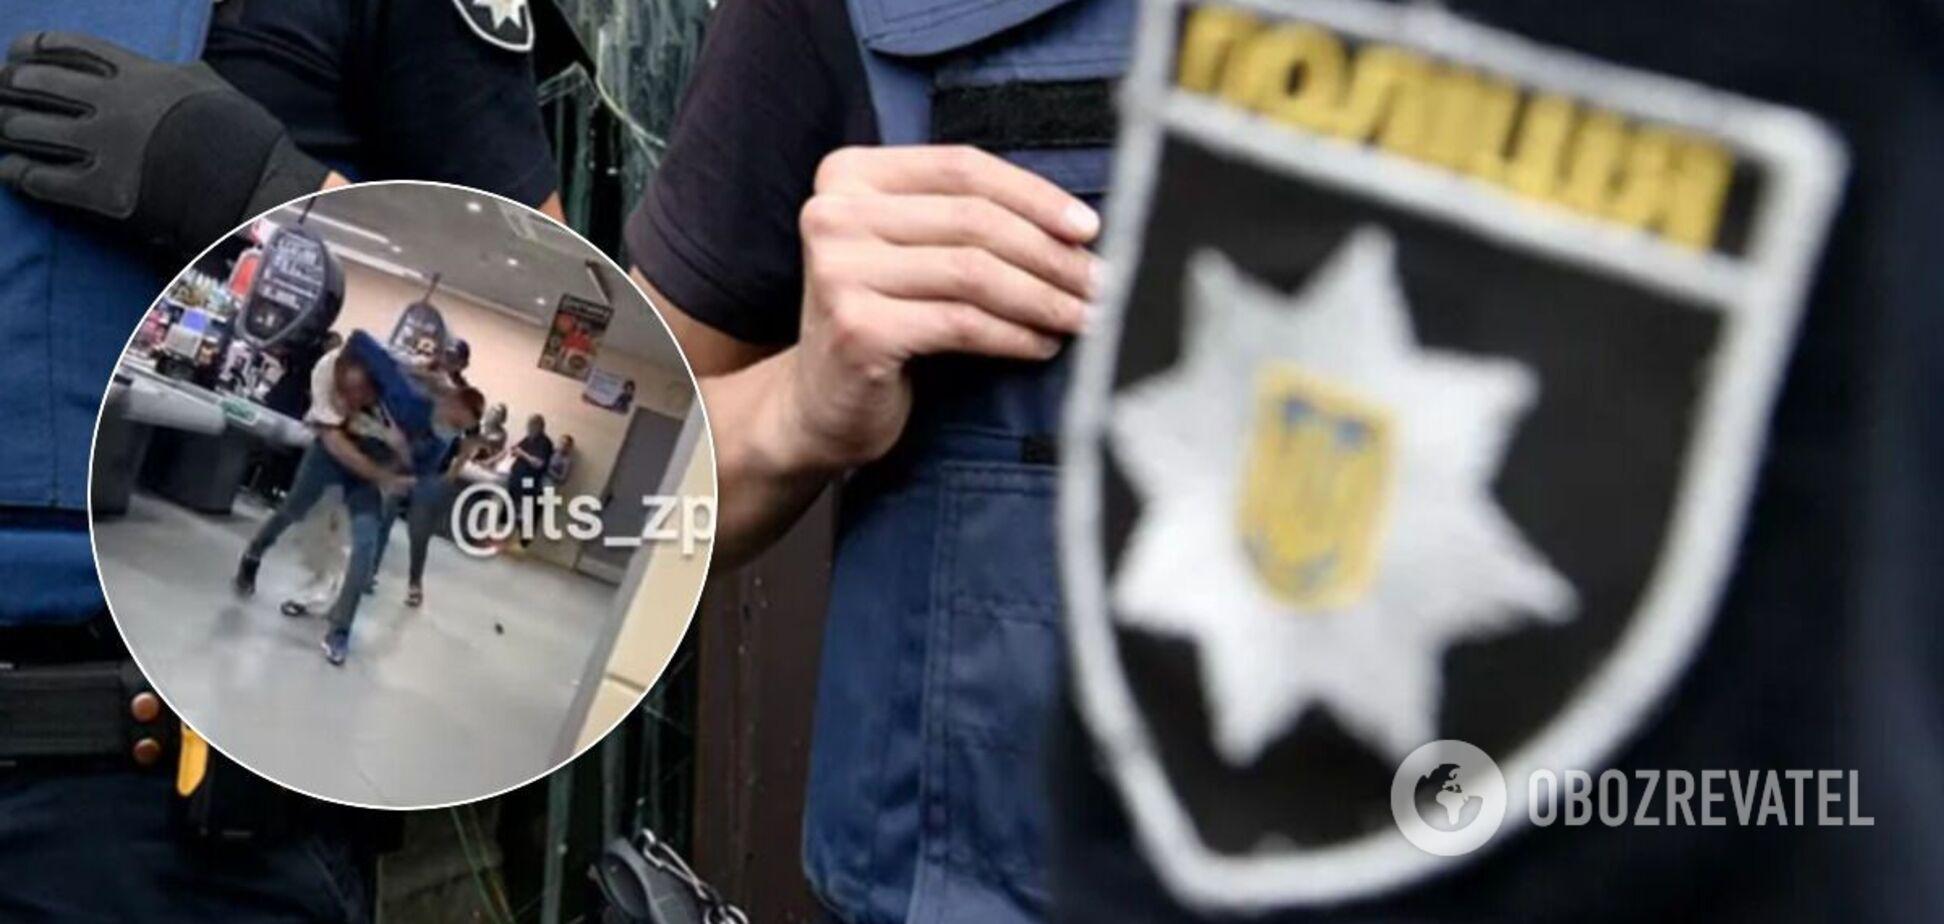 Полиция задержала дебошира в запорожском супермаркете